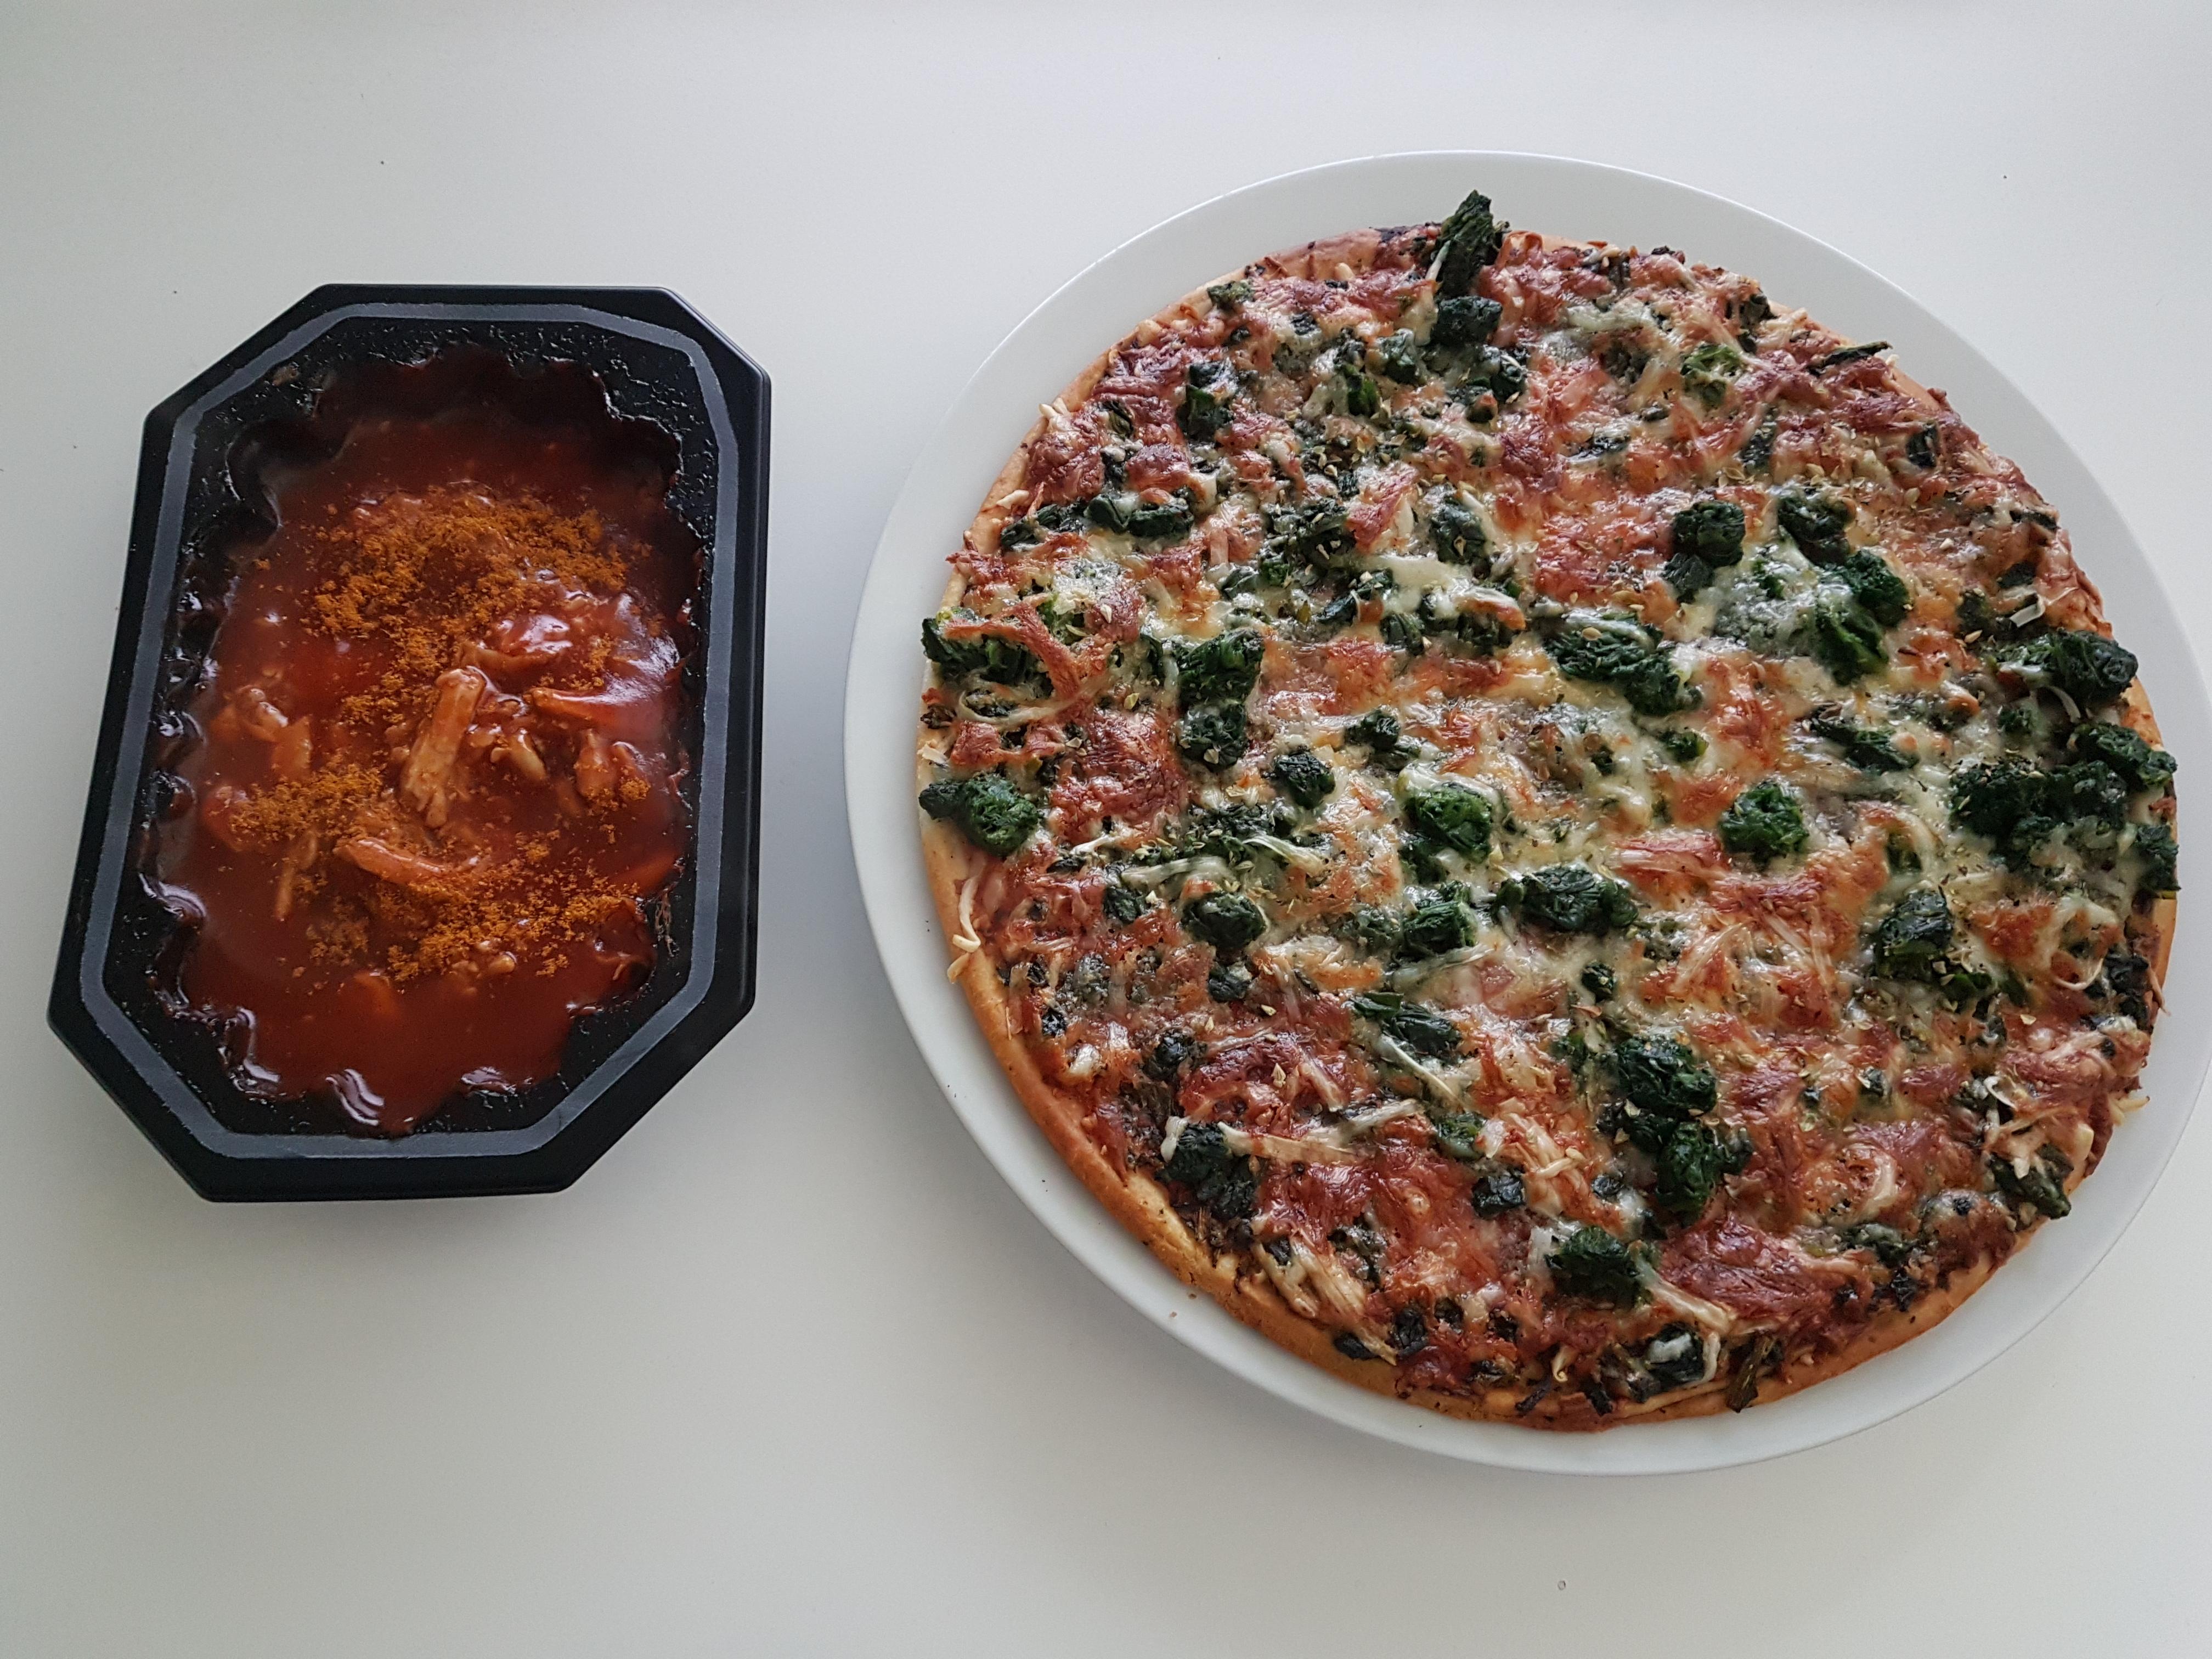 https://foodloader.net/Holz_2017-10-24_Pizza_und_Pulled_Pork.jpg